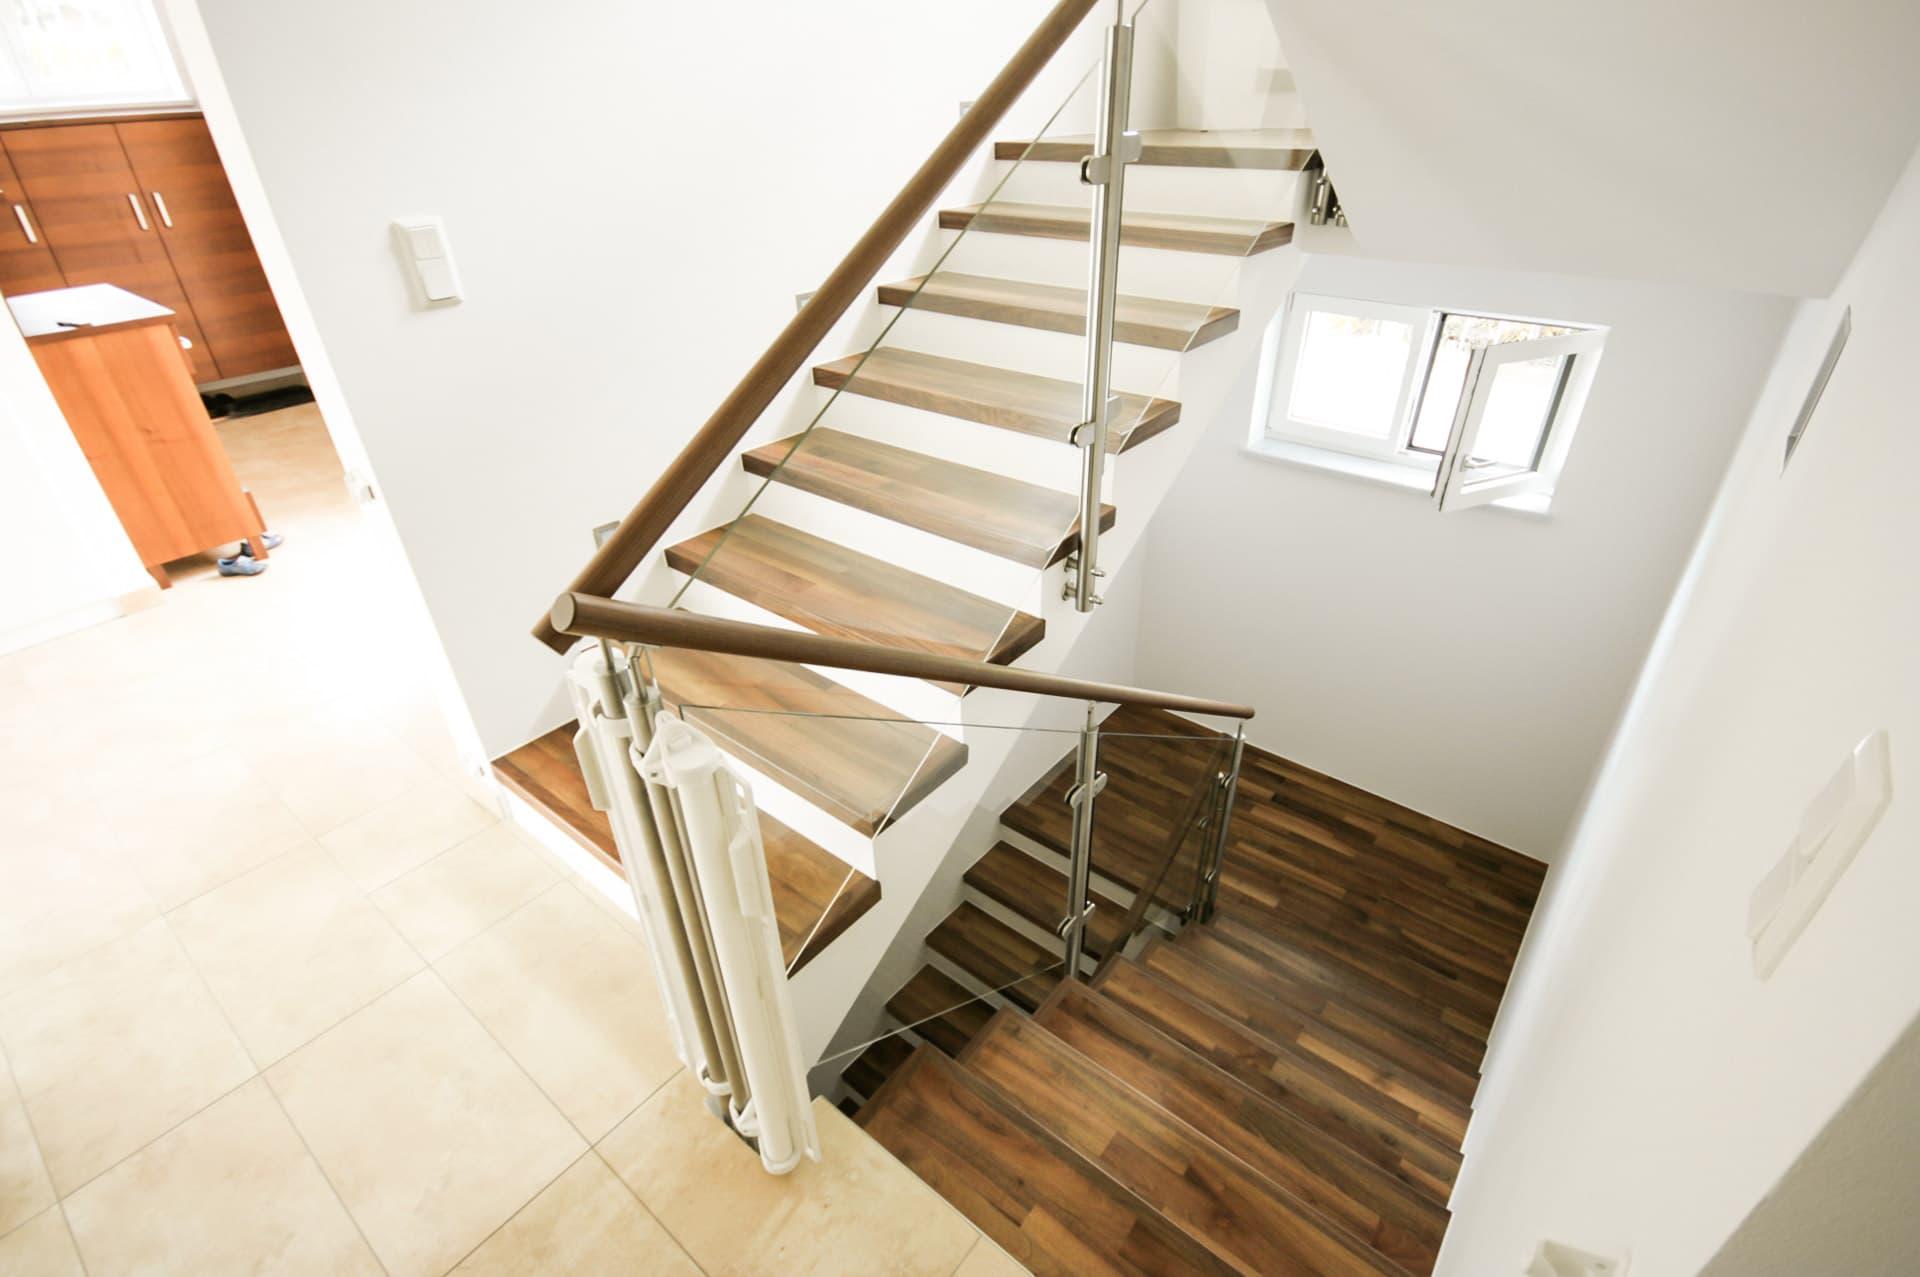 Mailand 07 a | Treppengeländer, Edelstahl-Glas-Holz, seitlich hängend montiert | Svobodaac